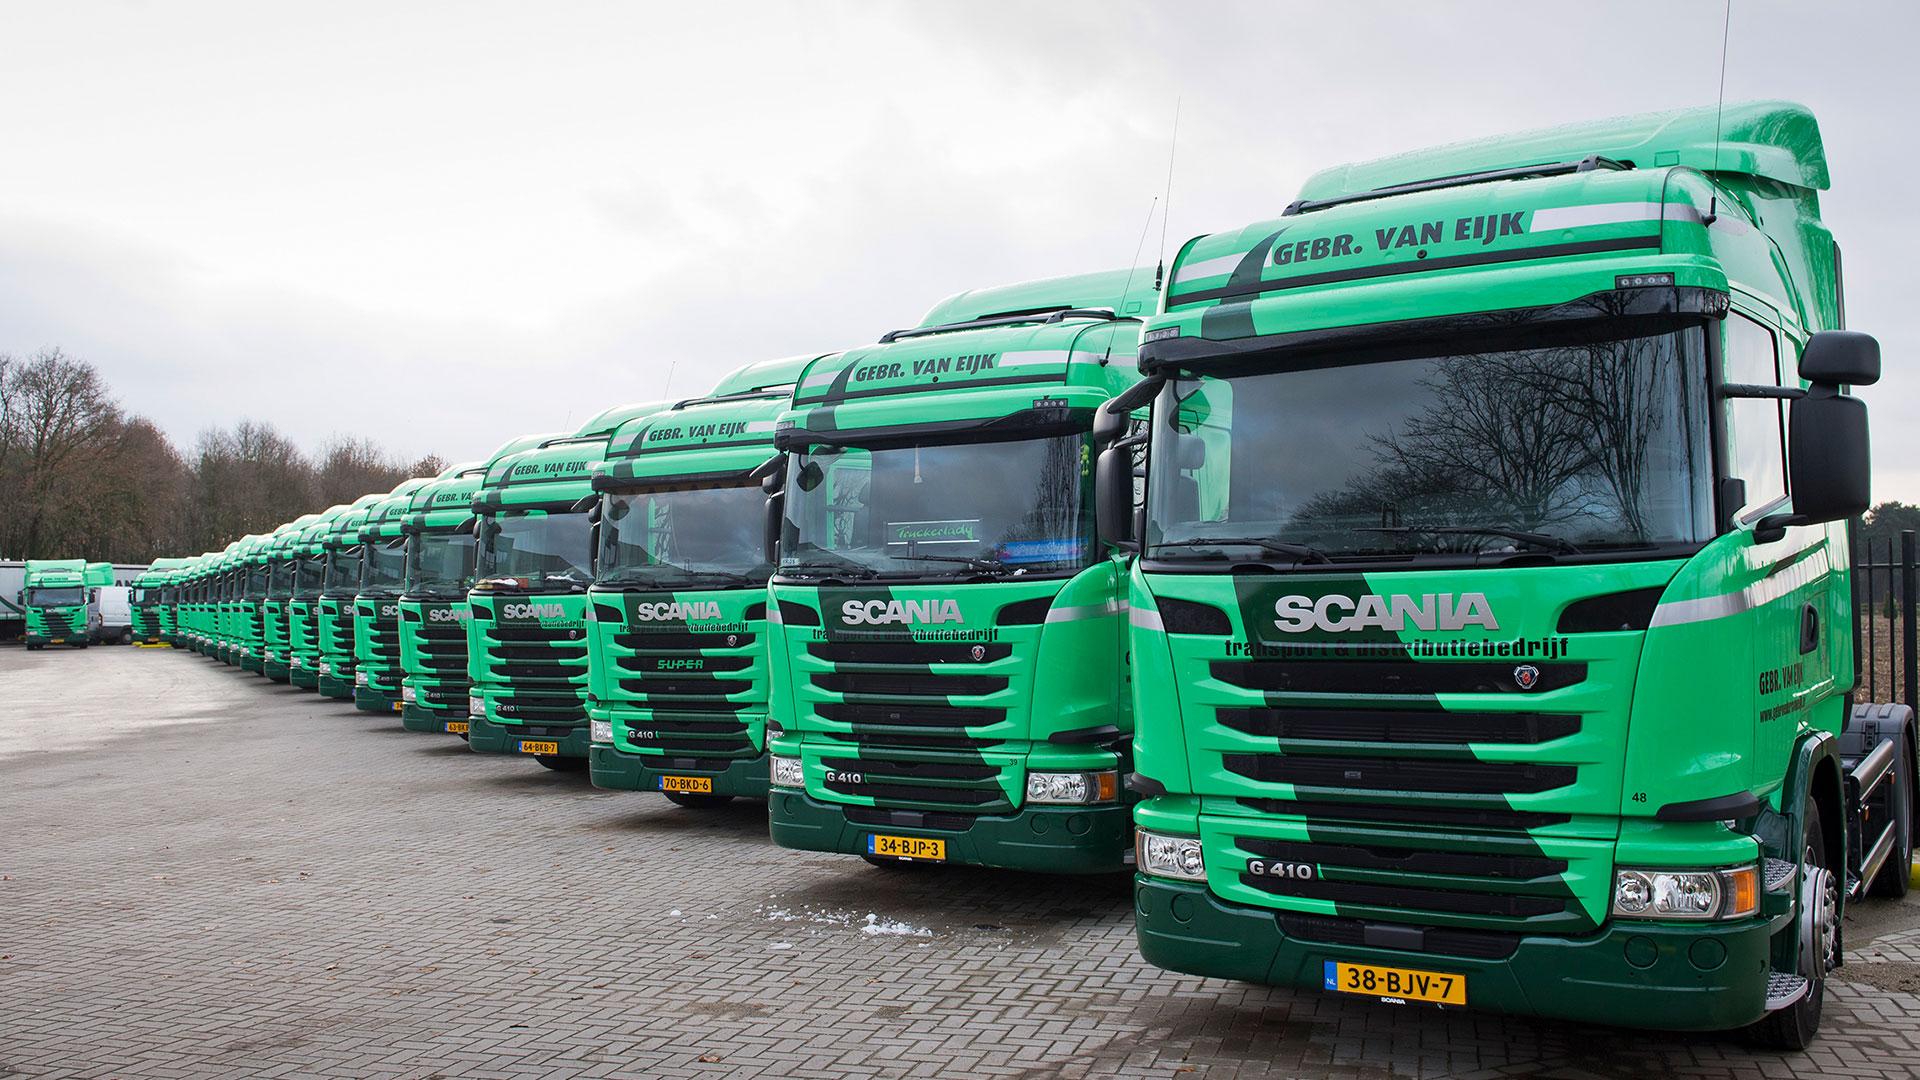 Scania-20-op-rij